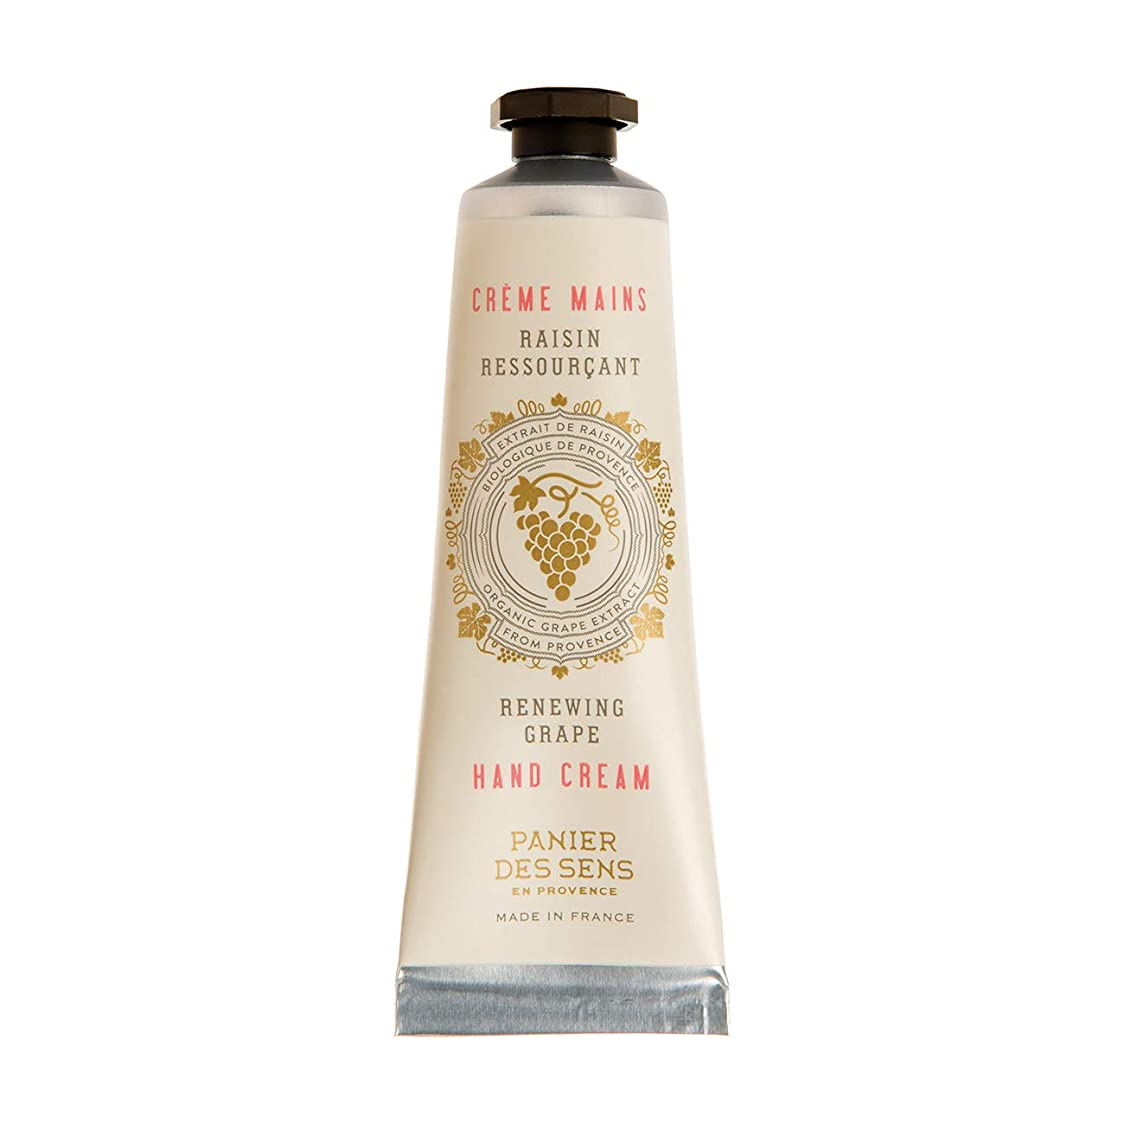 刺繍四半期控えめなパニエデサンス ハンドクリーム ホワイトグレープのフレッシュな香り 30mL(手肌用保湿 フランス製)